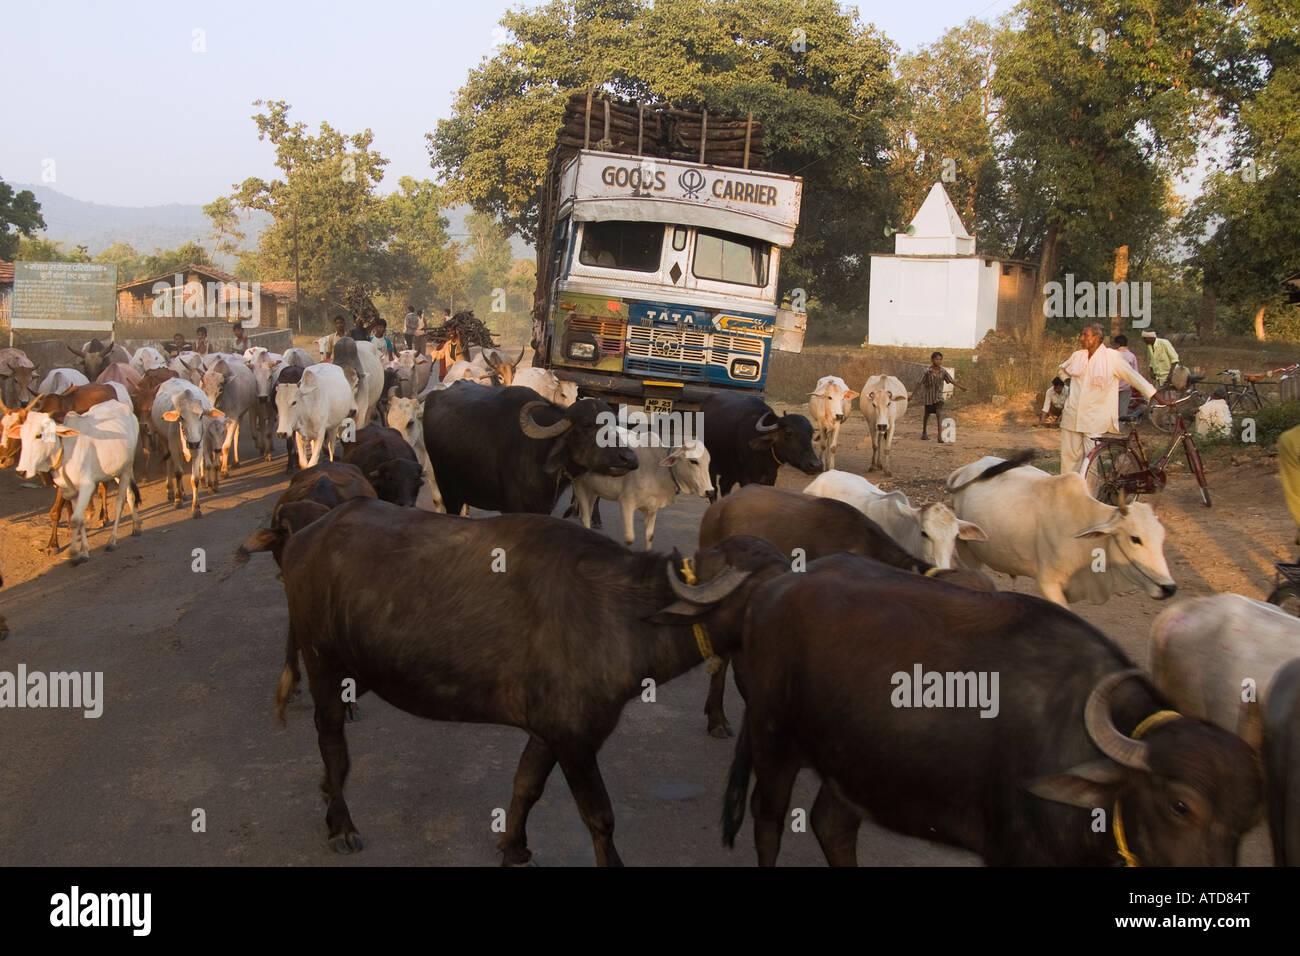 Les vaches sur une route en Inde Photo Stock